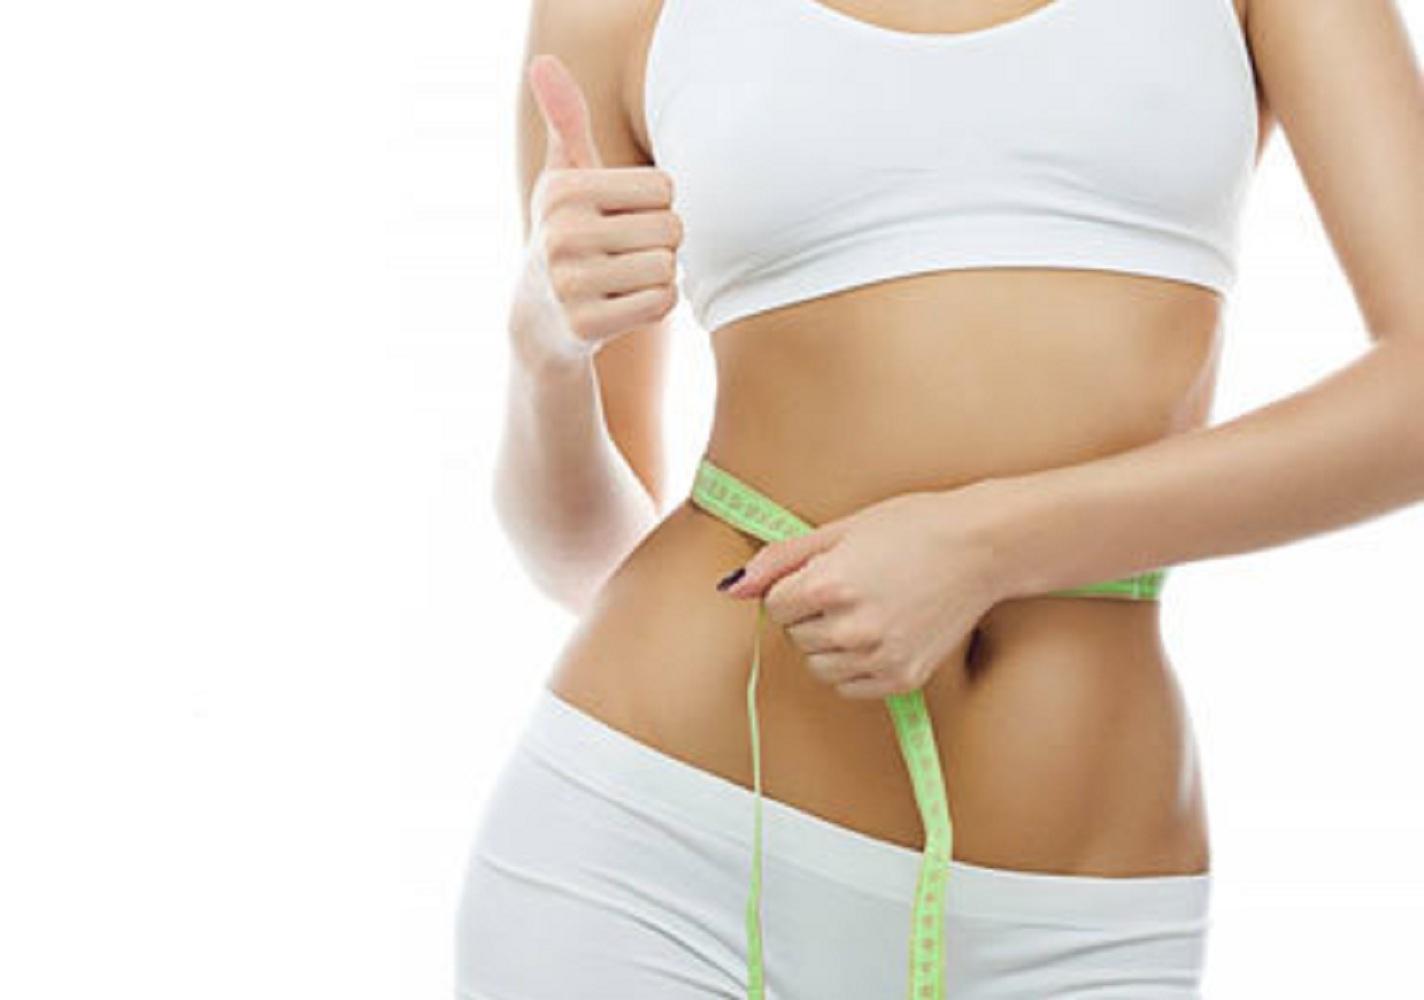 pierde grasimi nu numai in greutate